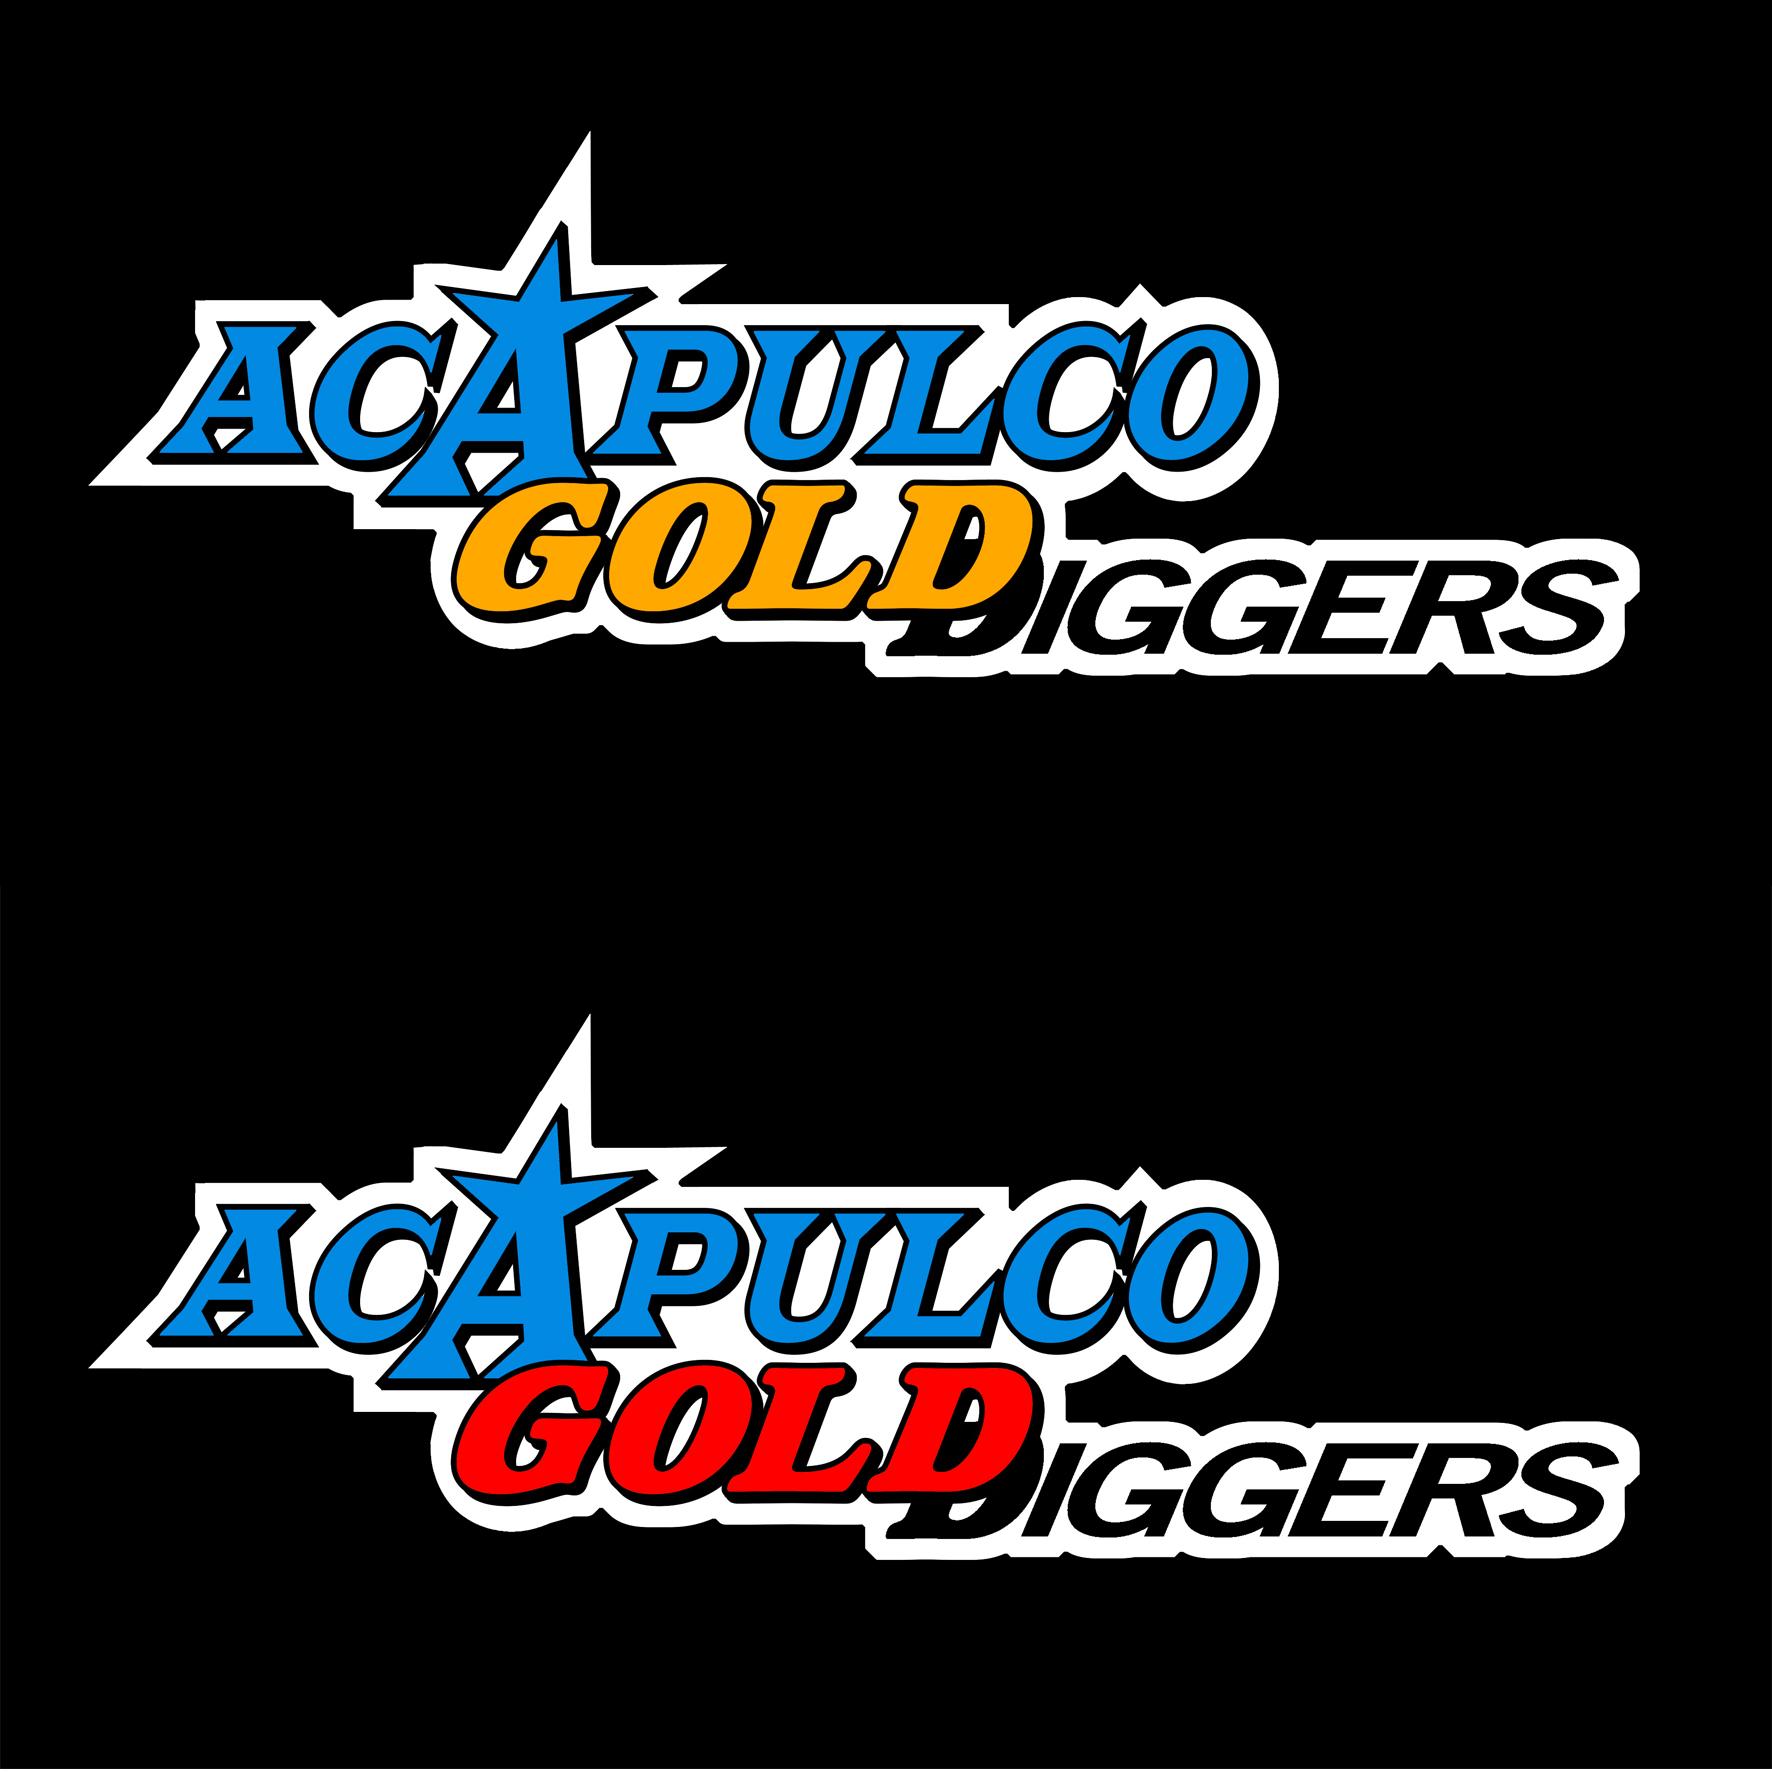 ACAPULCO GOLD DIGGERS